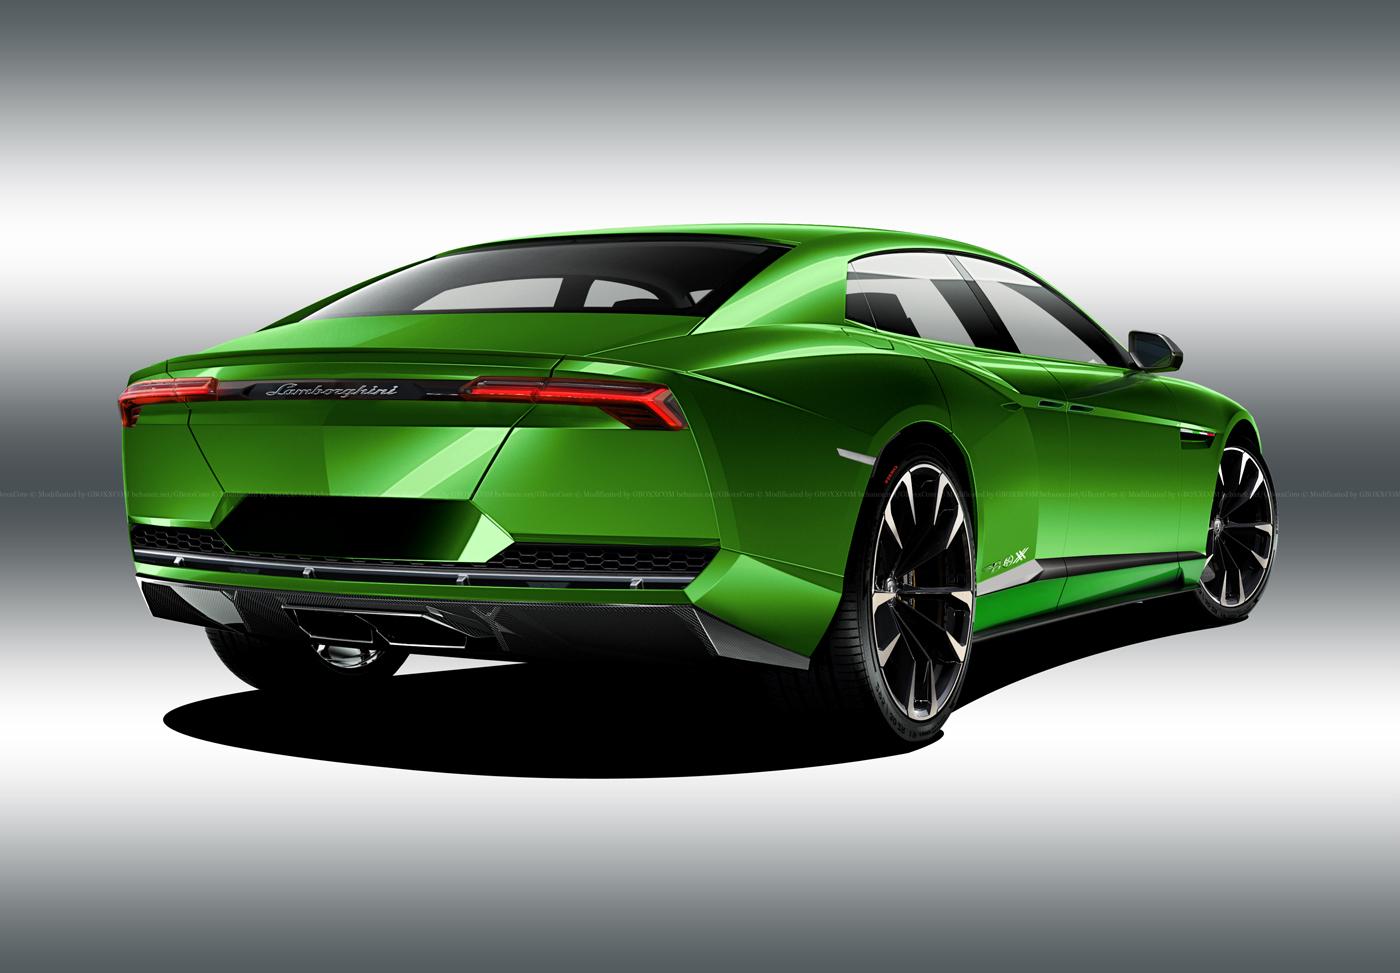 Lamborghini Estoque renderings (2)